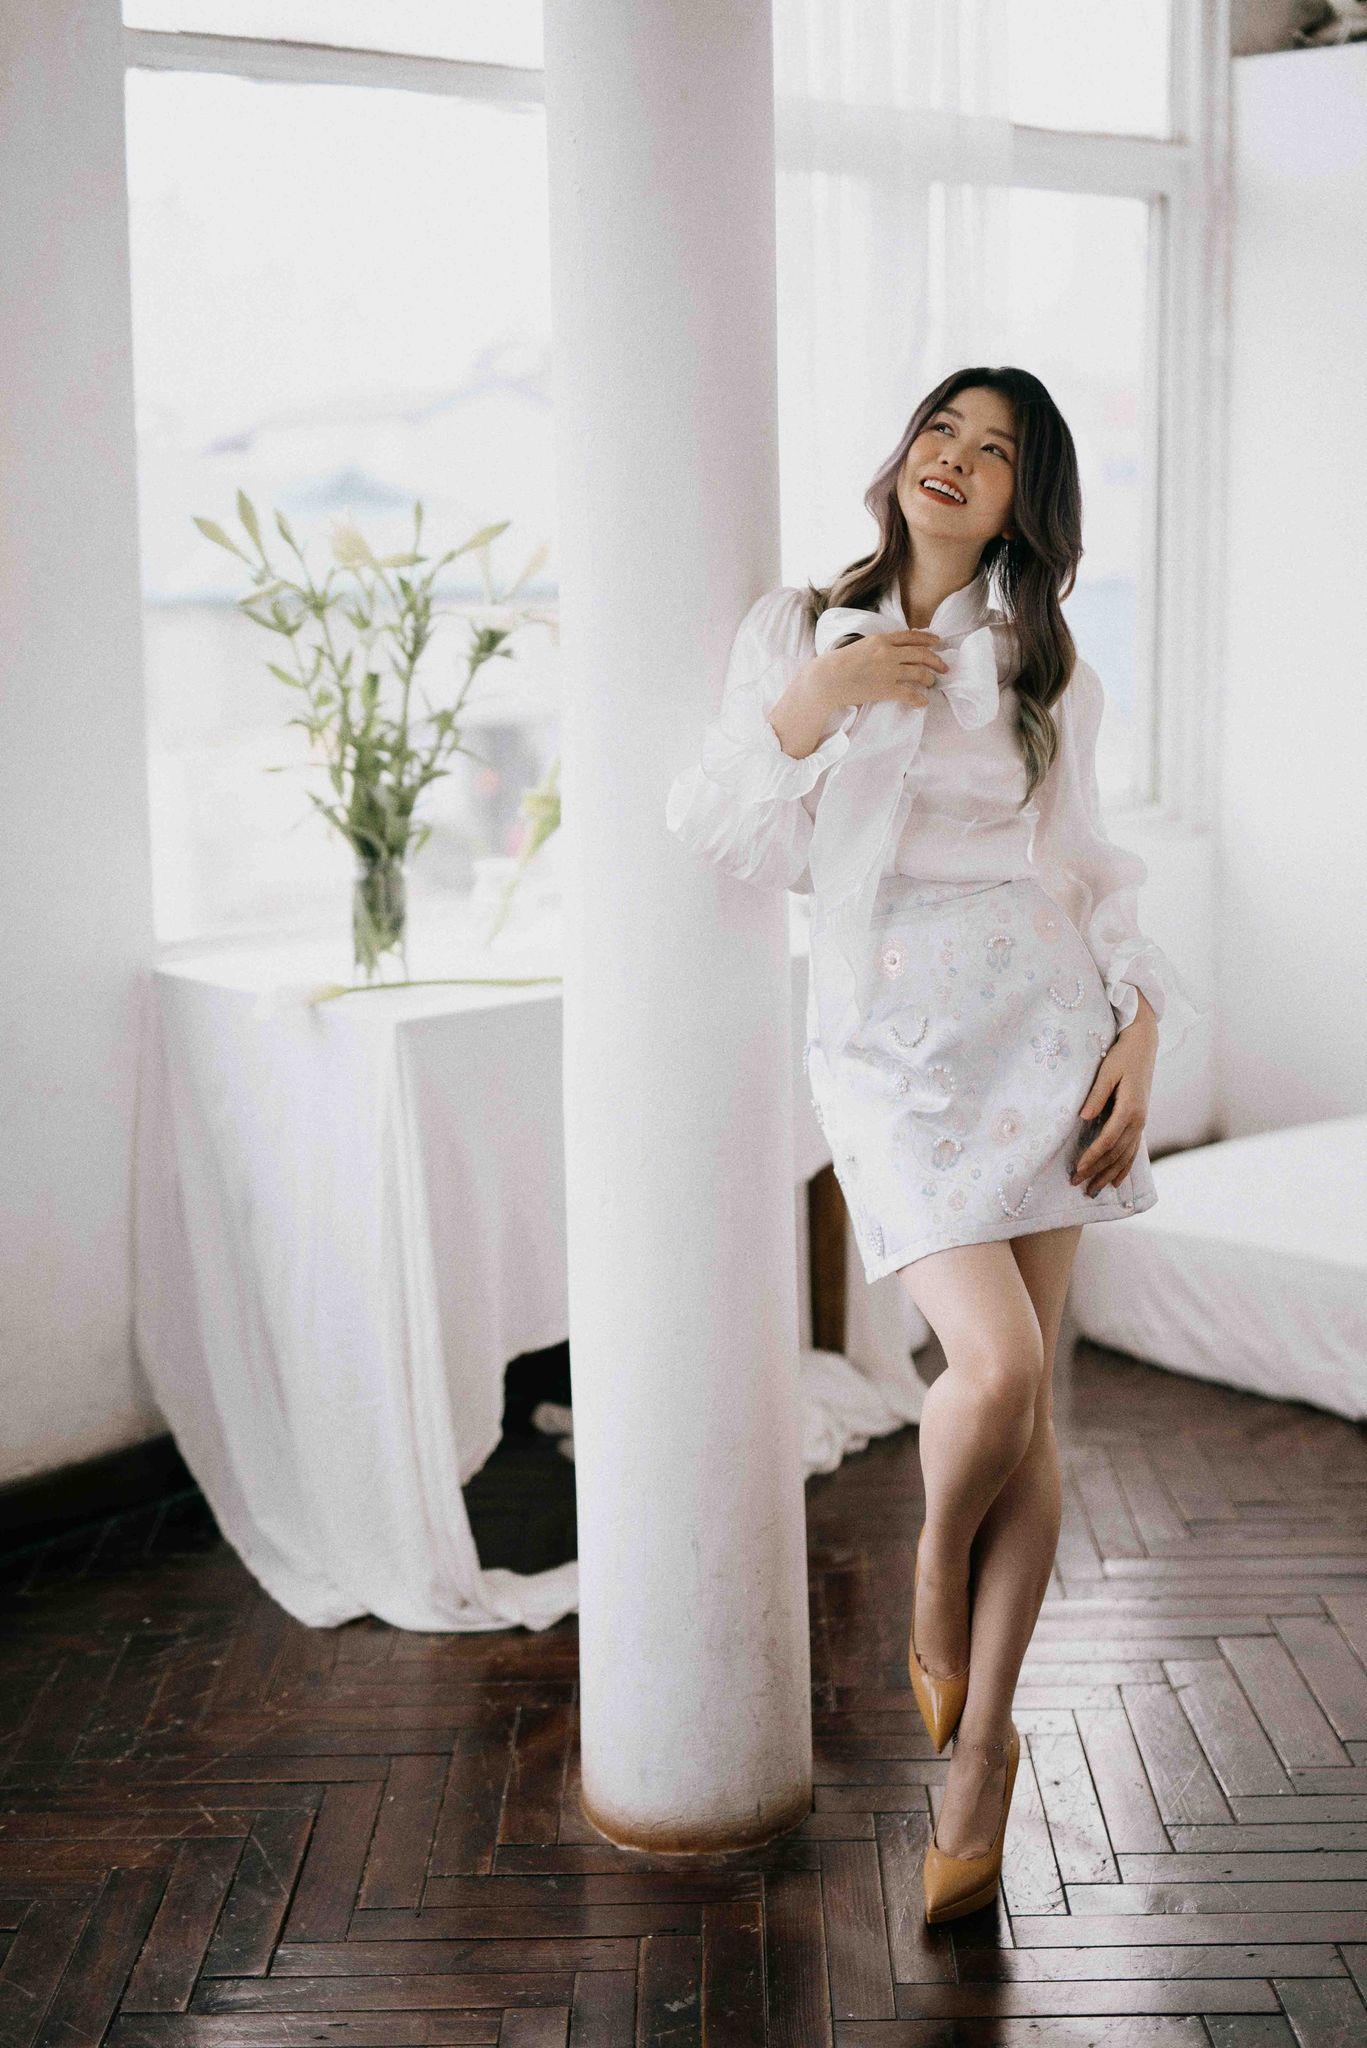 Nhà tạo mẫu tóc Minh Phương hóa 'nàng thơ' trong bộ ảnh mới